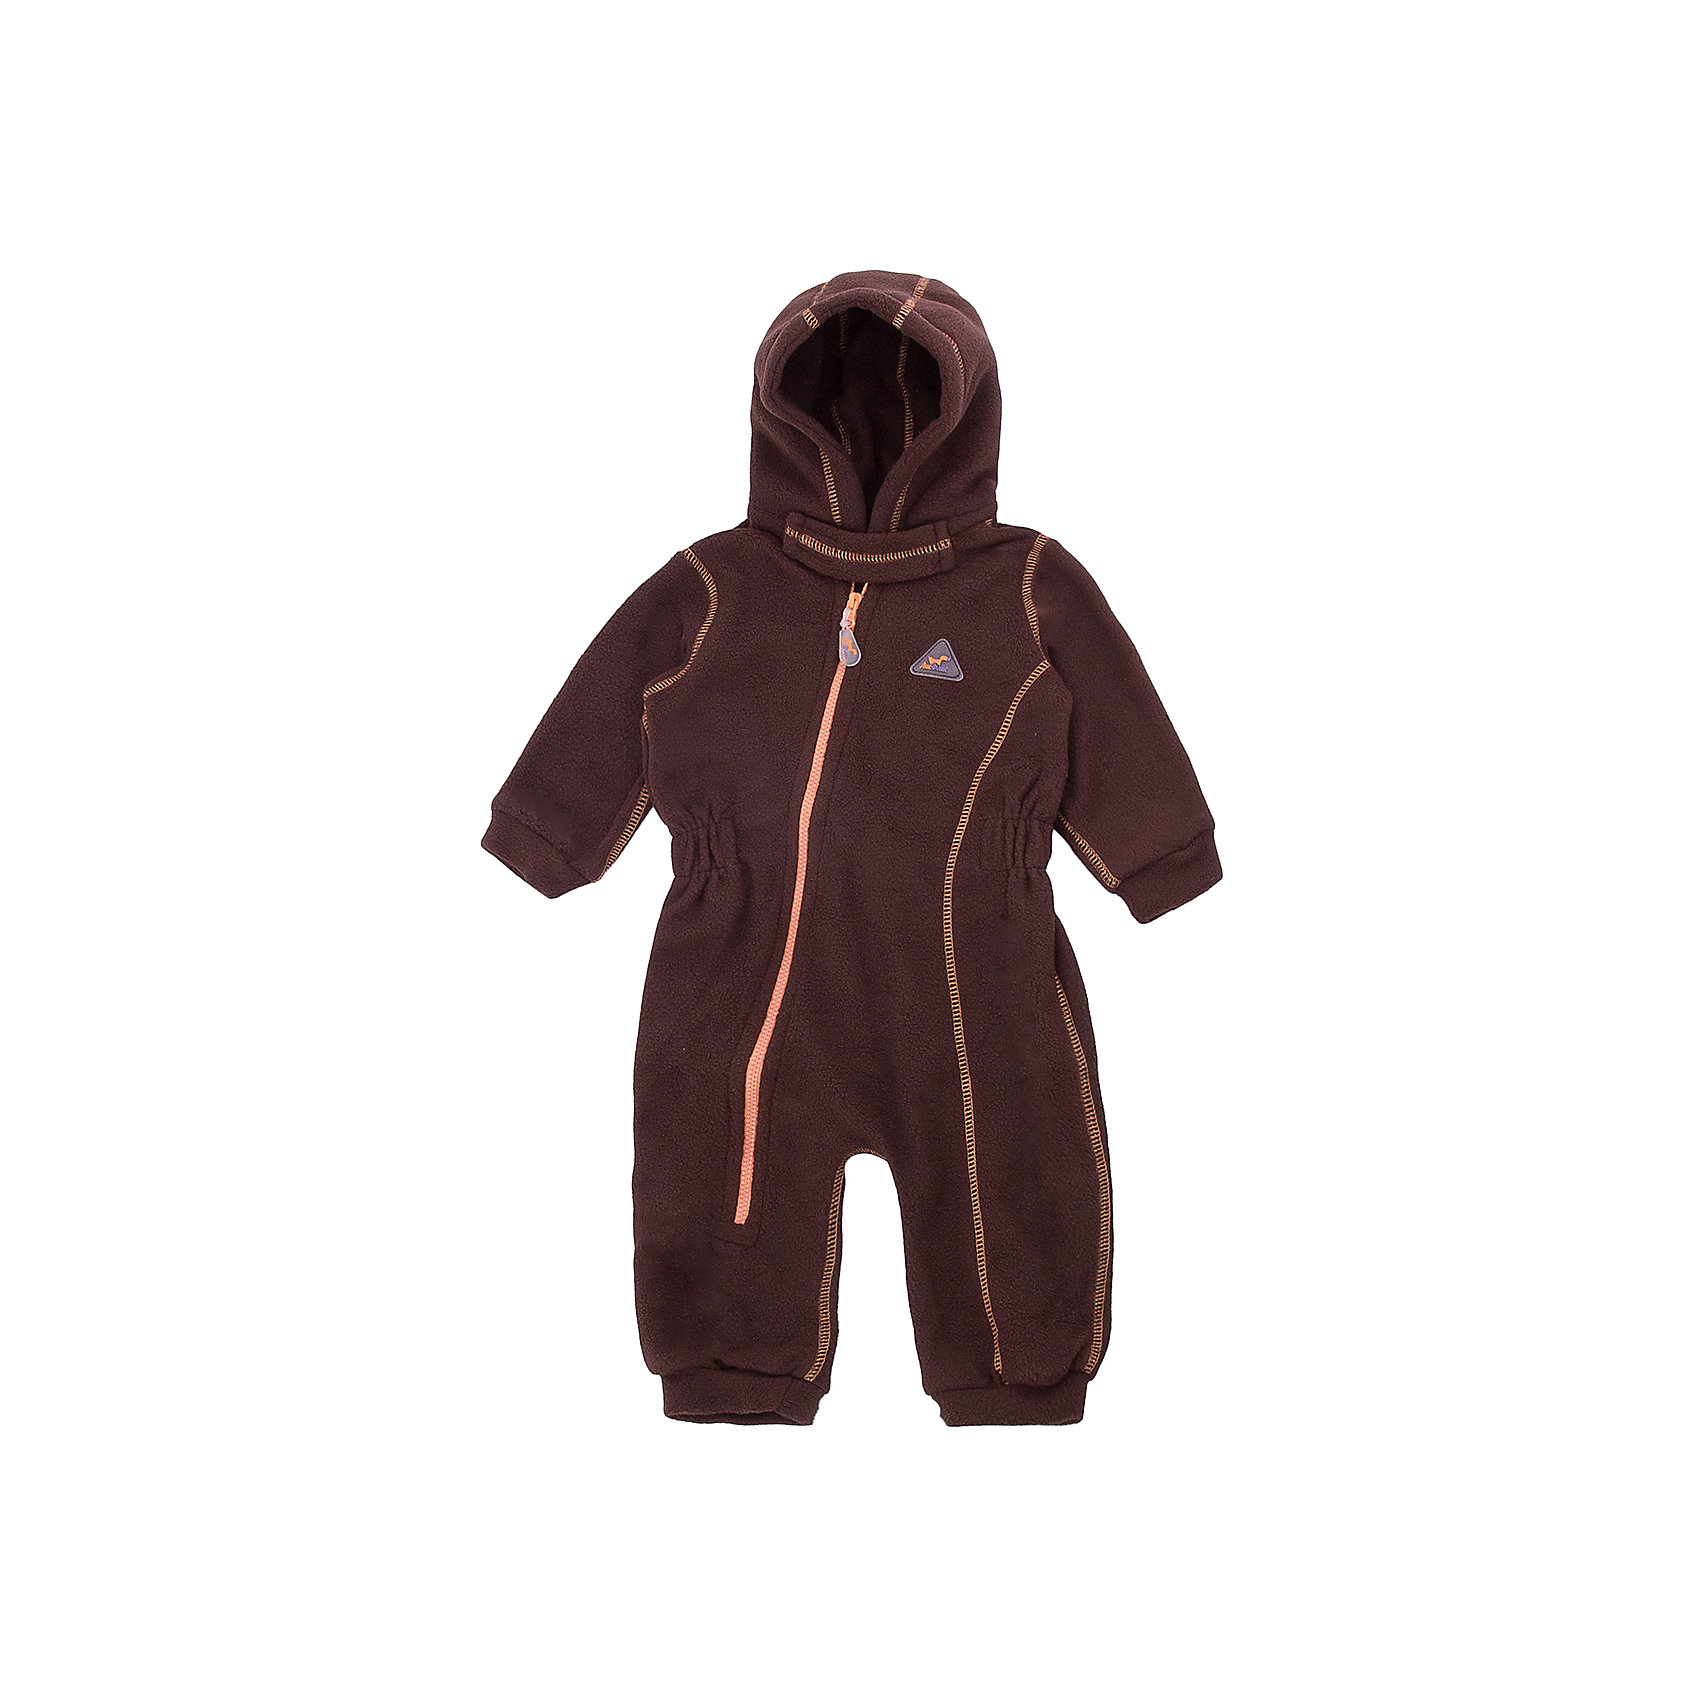 Комбинезон для малышей Шоколад ЛисФлис для мальчикаФлис и термобелье<br>Характеристики товара:<br><br>• цвет: коричневый;<br>• состав: 100% полиэстер, флис;<br>• сезон: зима;<br>• особенности: флисовый, с капюшоном;<br>• застежка: молния по диагонали;<br>• защита подбородка от защемления;<br>• эластичные манжеты на рукавах и штанинах;<br>• страна бренда: Россия;<br>• страна производства: Россия.<br><br>Флисовый комбинезон на молнии. Изделие можно одевать как поддеву (дополнительный утепляющий слой) под мембранную одежду при минусовой температуре. А как самостоятельный элемент одежды (верхний слой) от +10 градусов. Прочная молния комбинезона расстегивается и застегивается одним движением руки. Флисовый комбинезон с капюшоном.<br><br>Комбинезон для малышей Шоколад ЛисФлис можно купить в нашем интернет-магазине.<br><br>Ширина мм: 356<br>Глубина мм: 10<br>Высота мм: 245<br>Вес г: 519<br>Цвет: коричневый<br>Возраст от месяцев: 2<br>Возраст до месяцев: 5<br>Пол: Мужской<br>Возраст: Детский<br>Размер: 62,80,74,68<br>SKU: 7052630